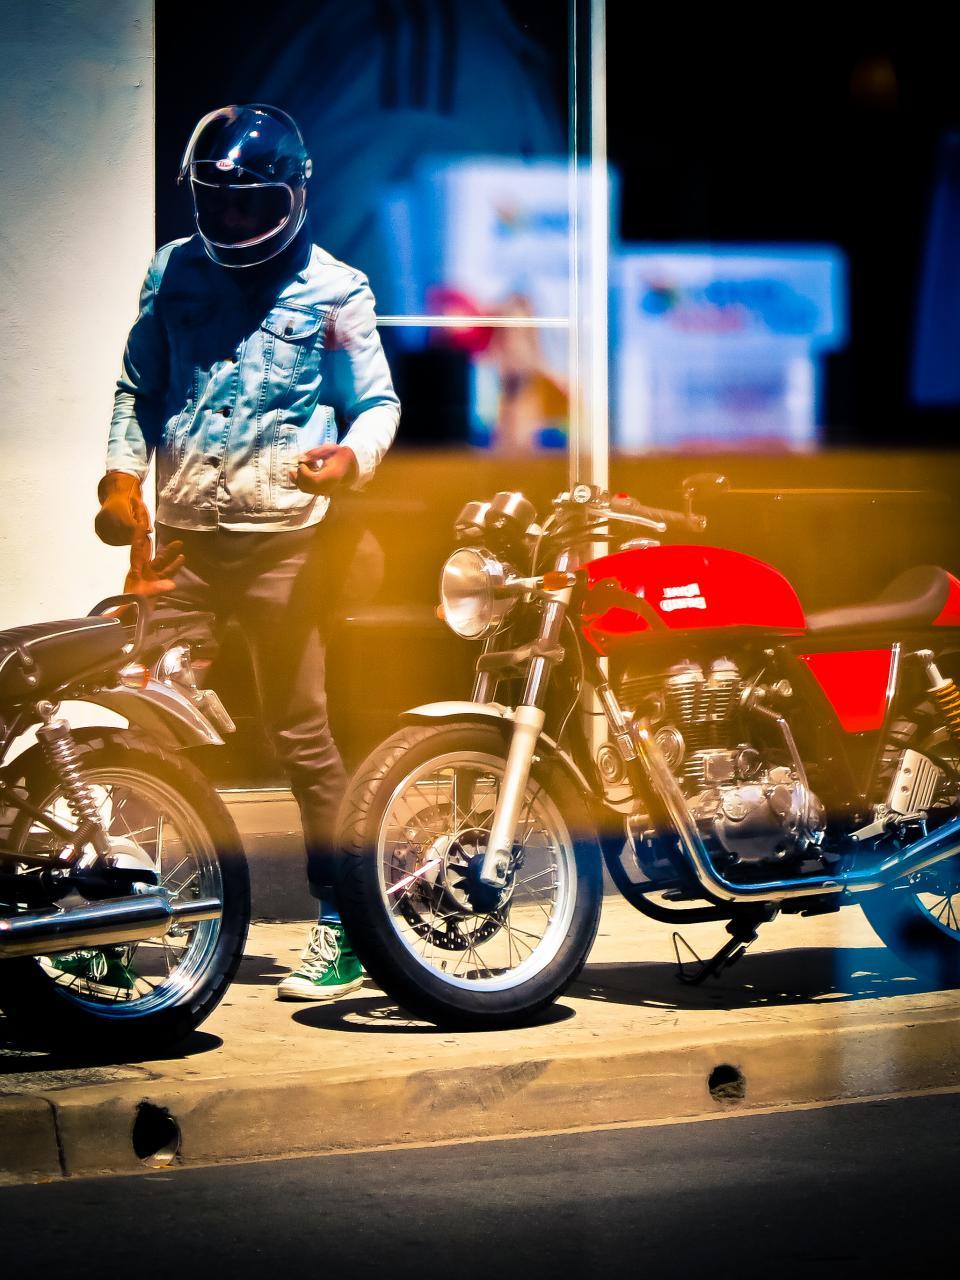 motor, motorcycle, travel, man, people, guy, rider, helmet, sidewalk